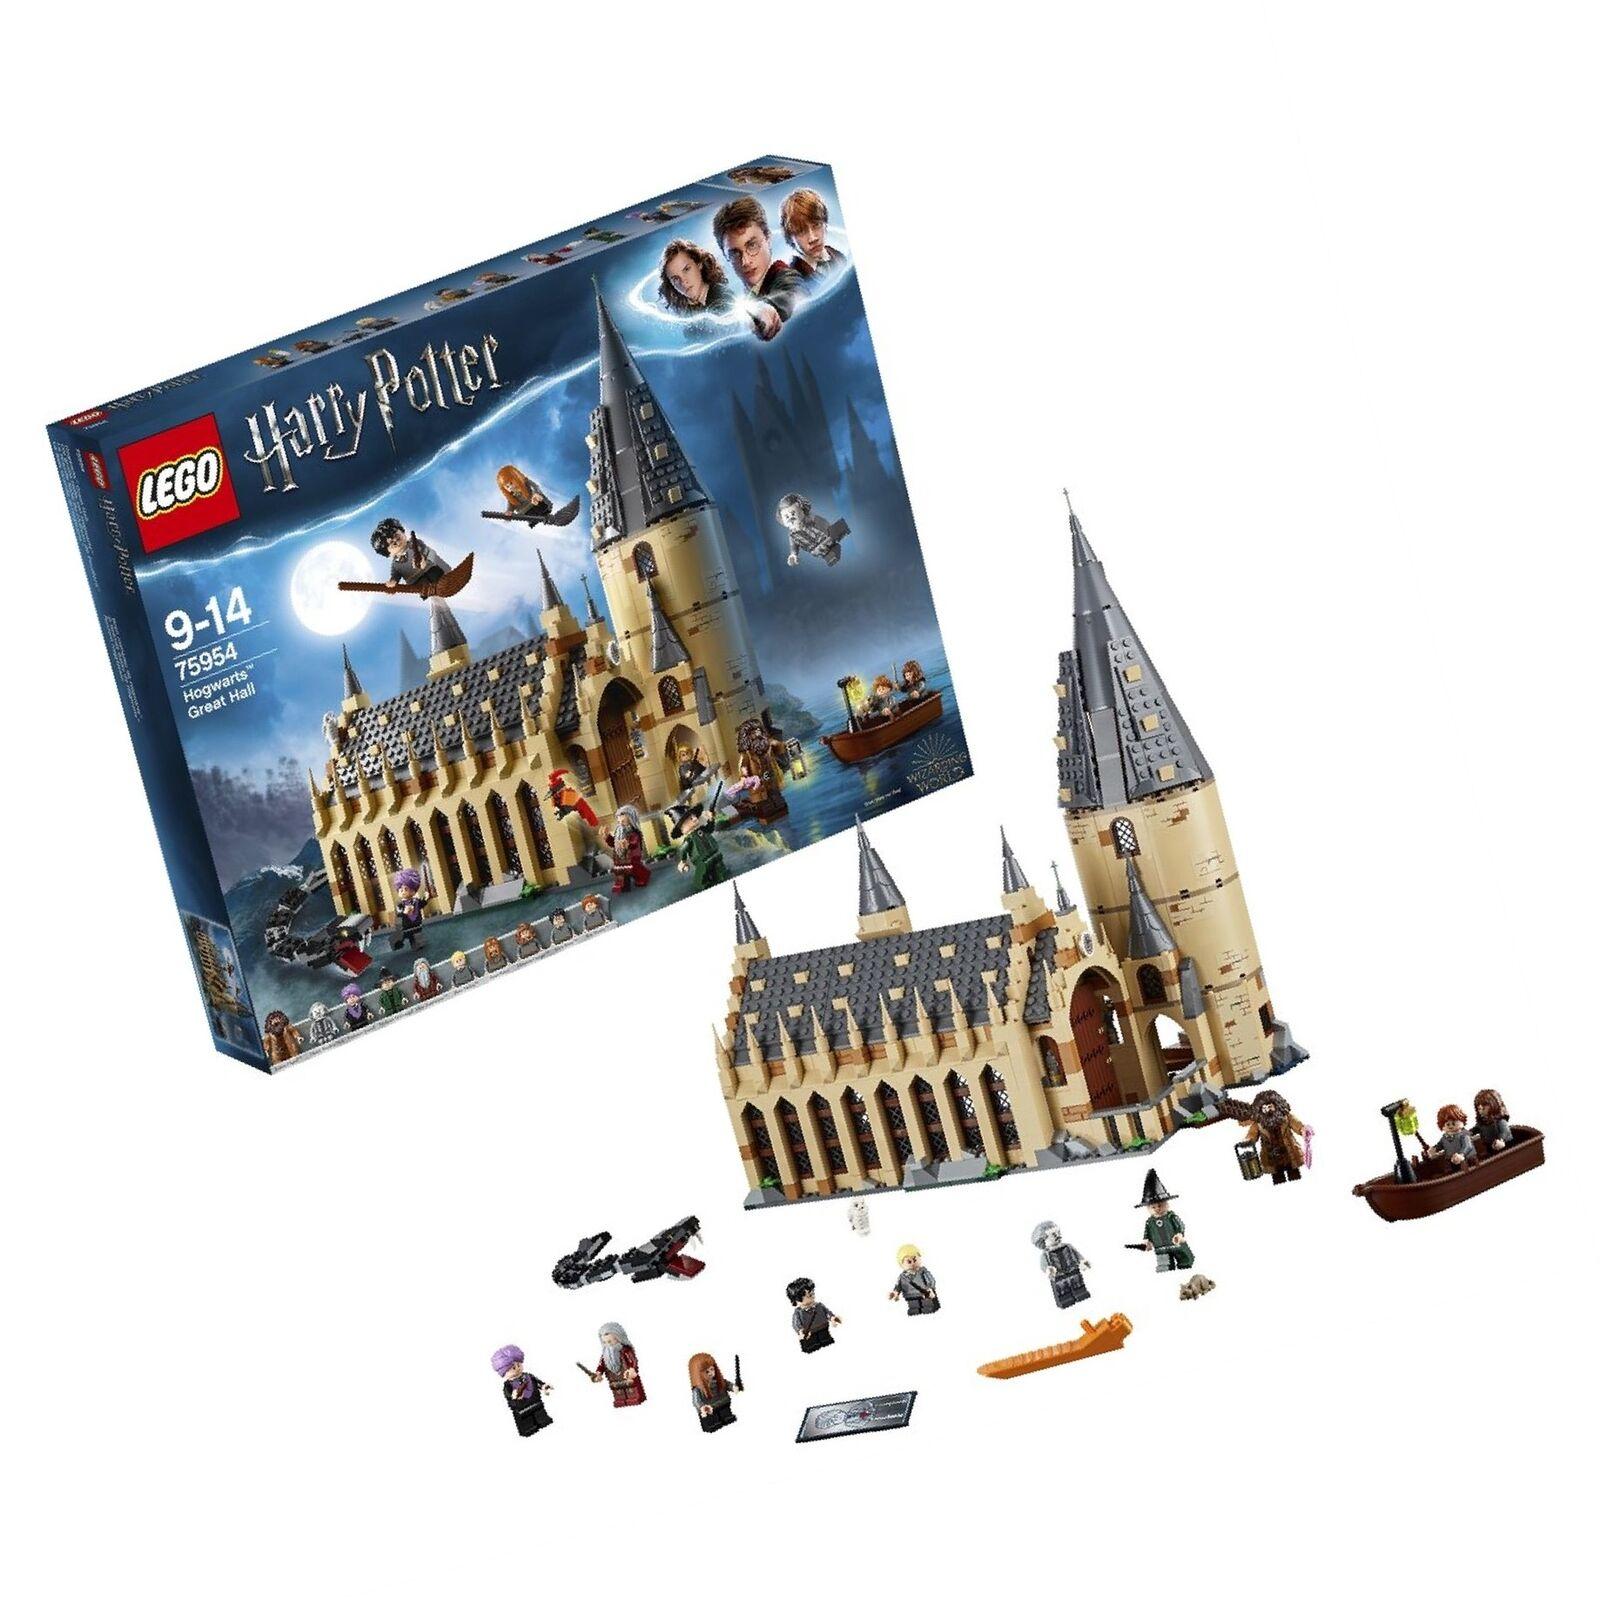 LEGO 75954 Harry Potter Hogwarts Great Hall Building Set